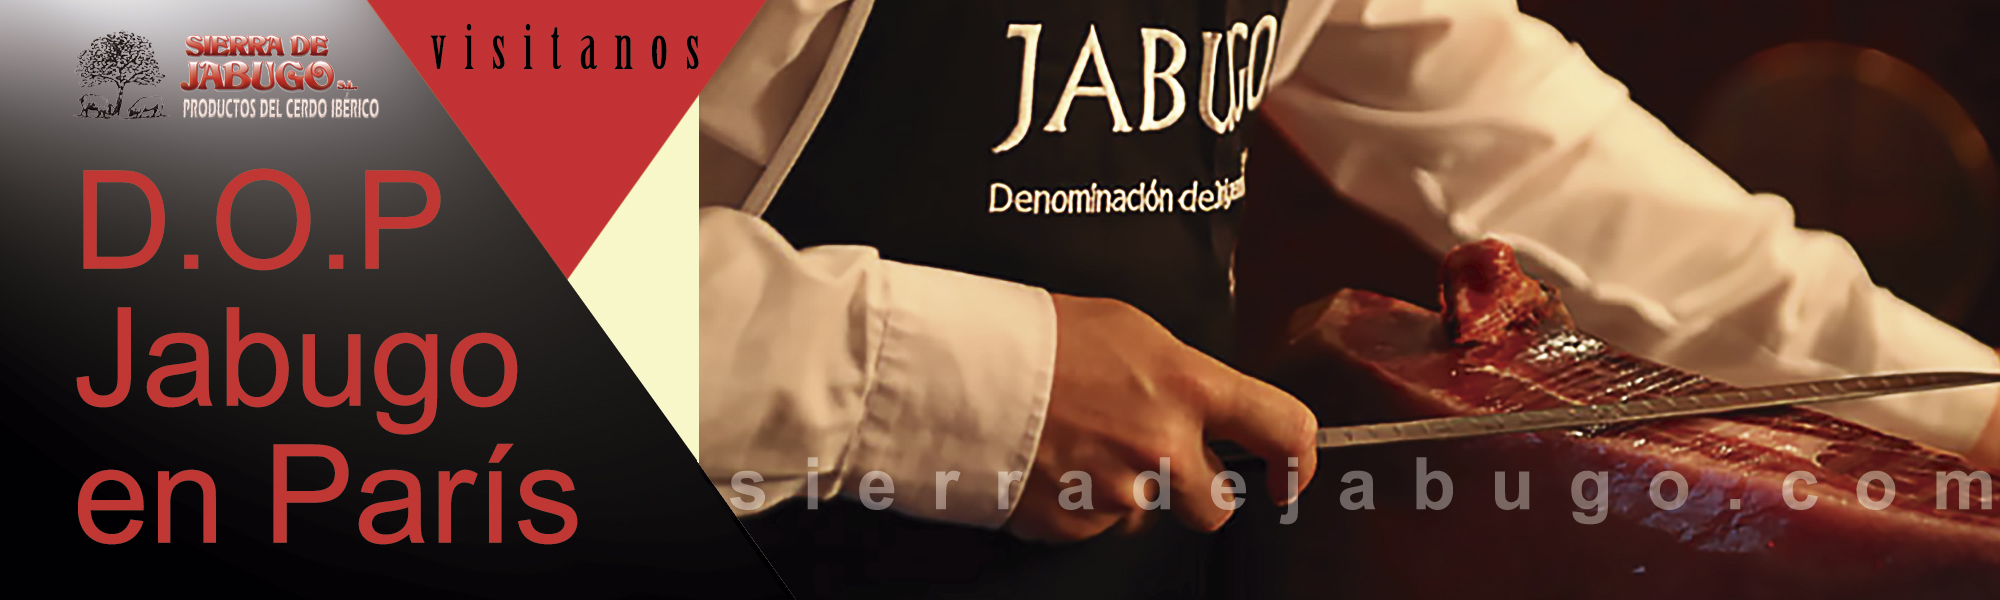 DOP-Sierra-Jabugo-Paris